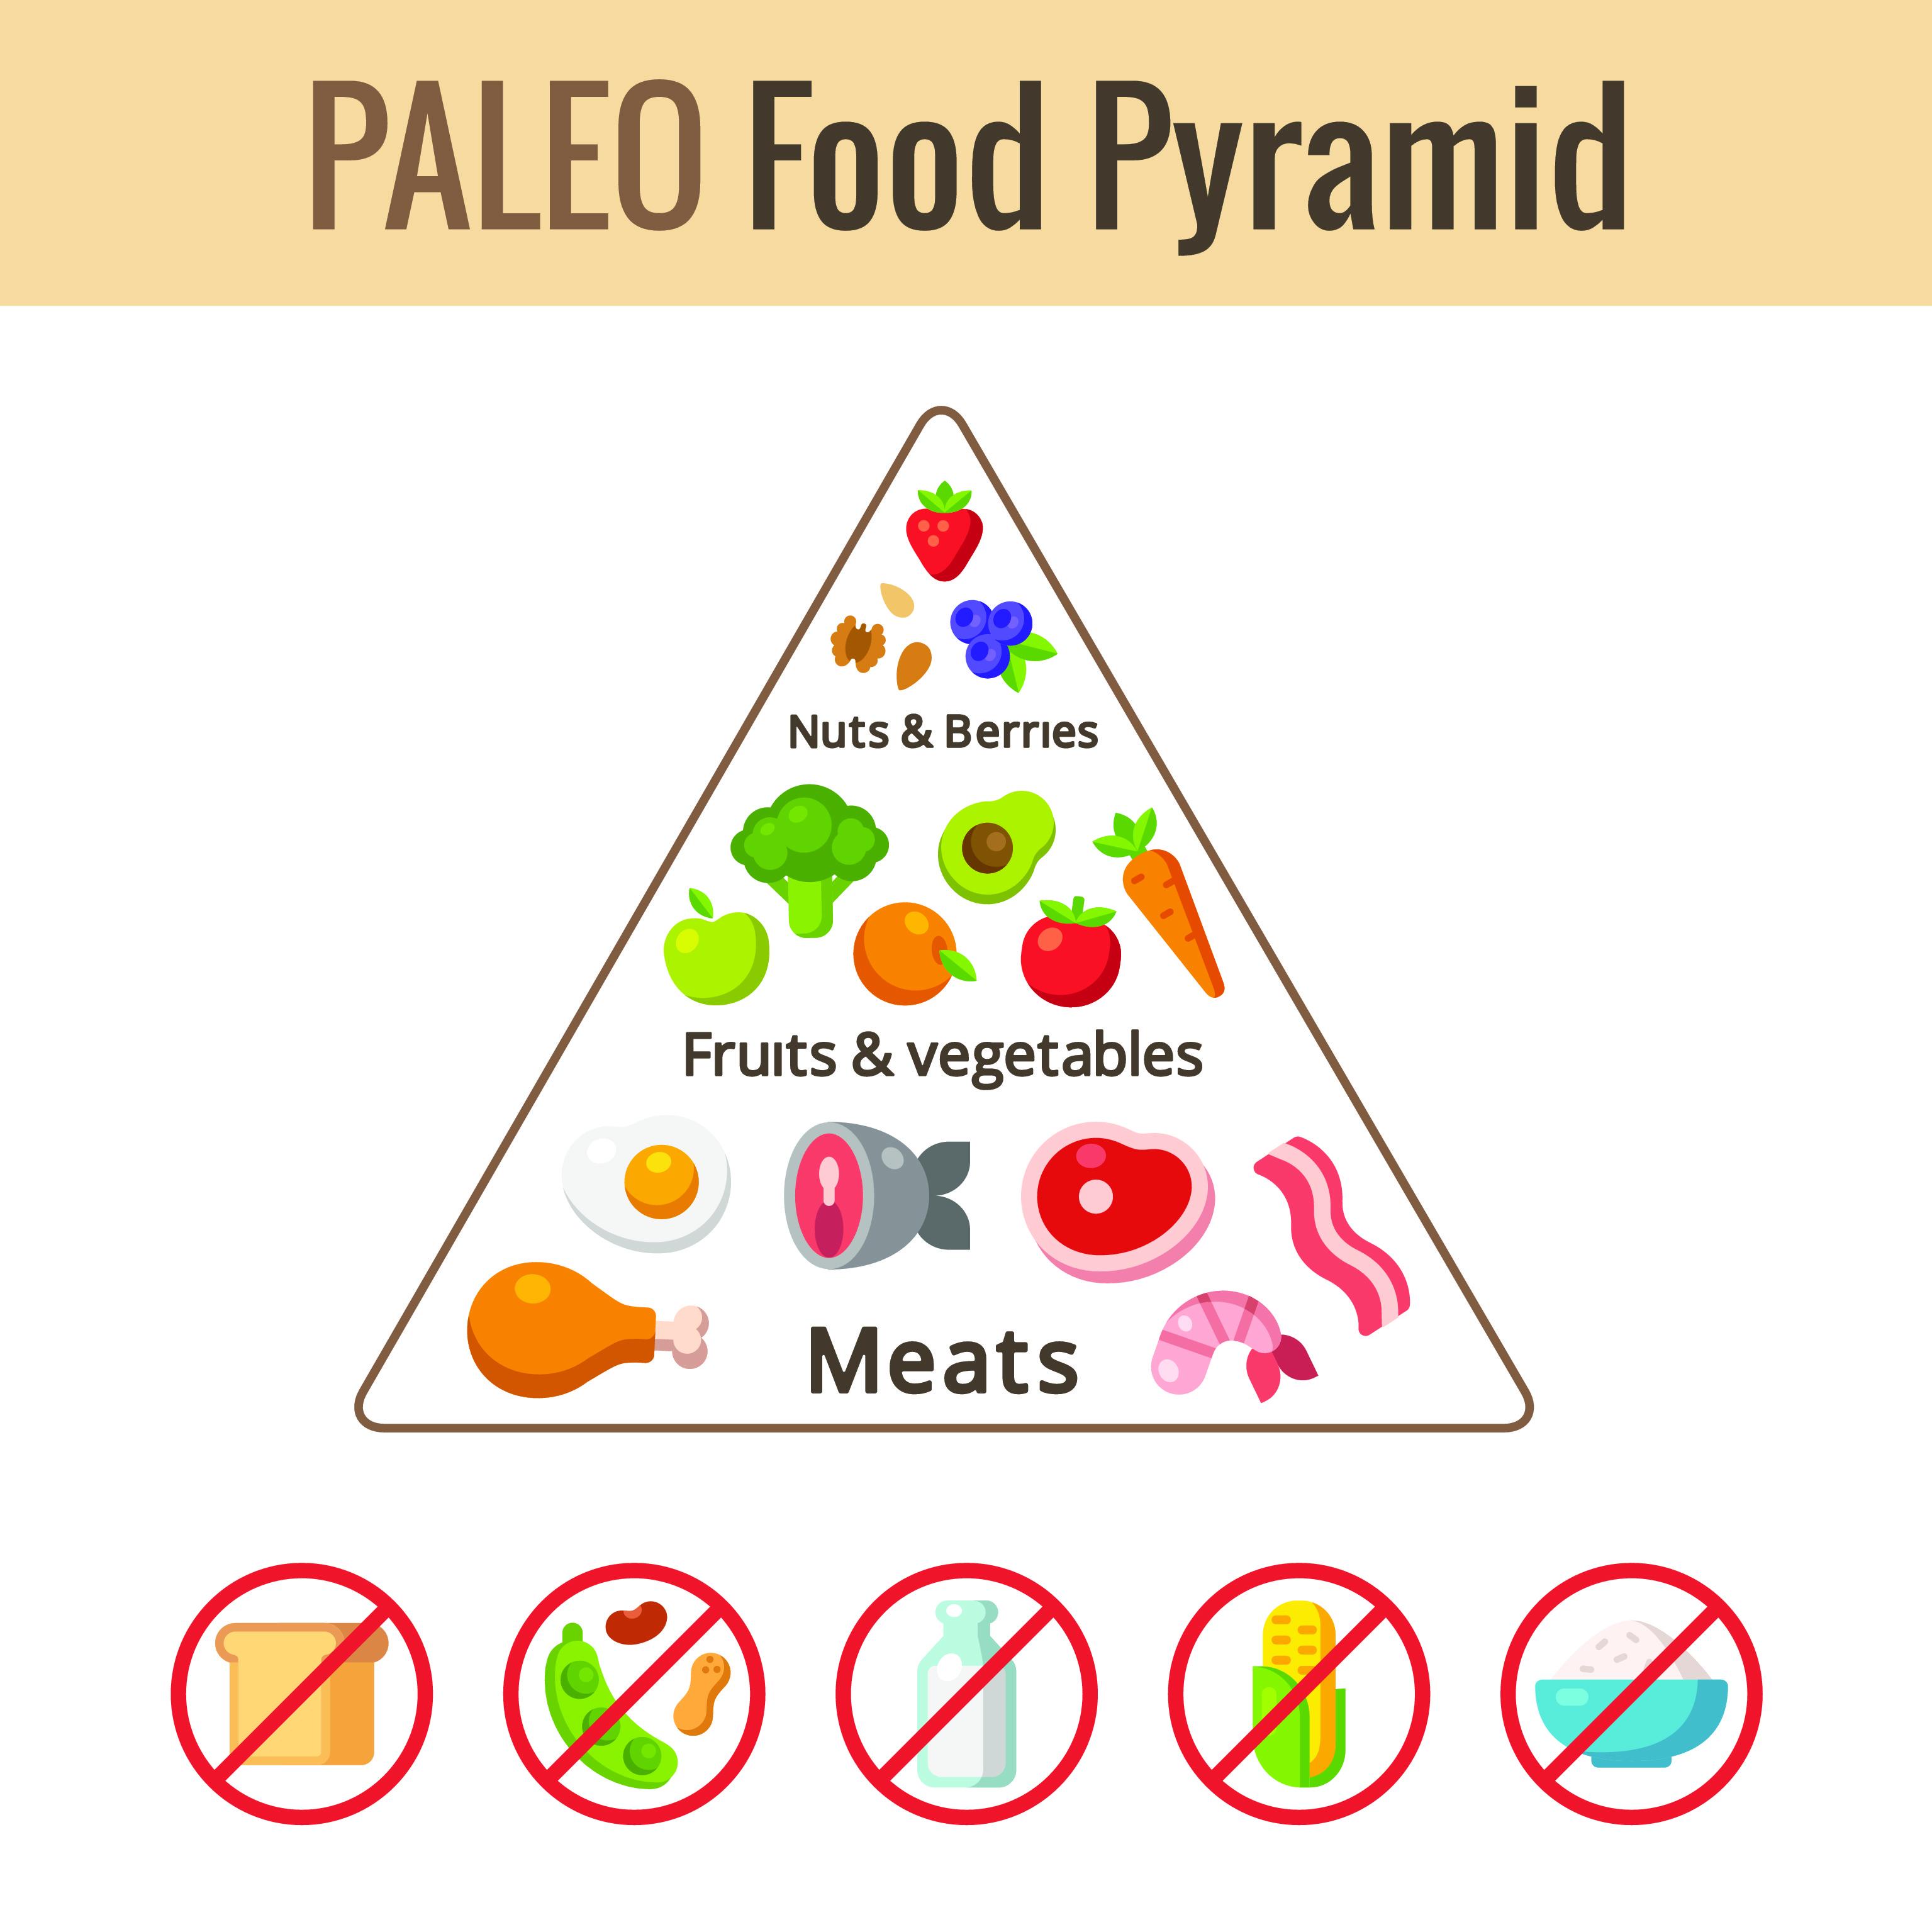 Tiltólistás élelmiszerek a paleolit étrendben